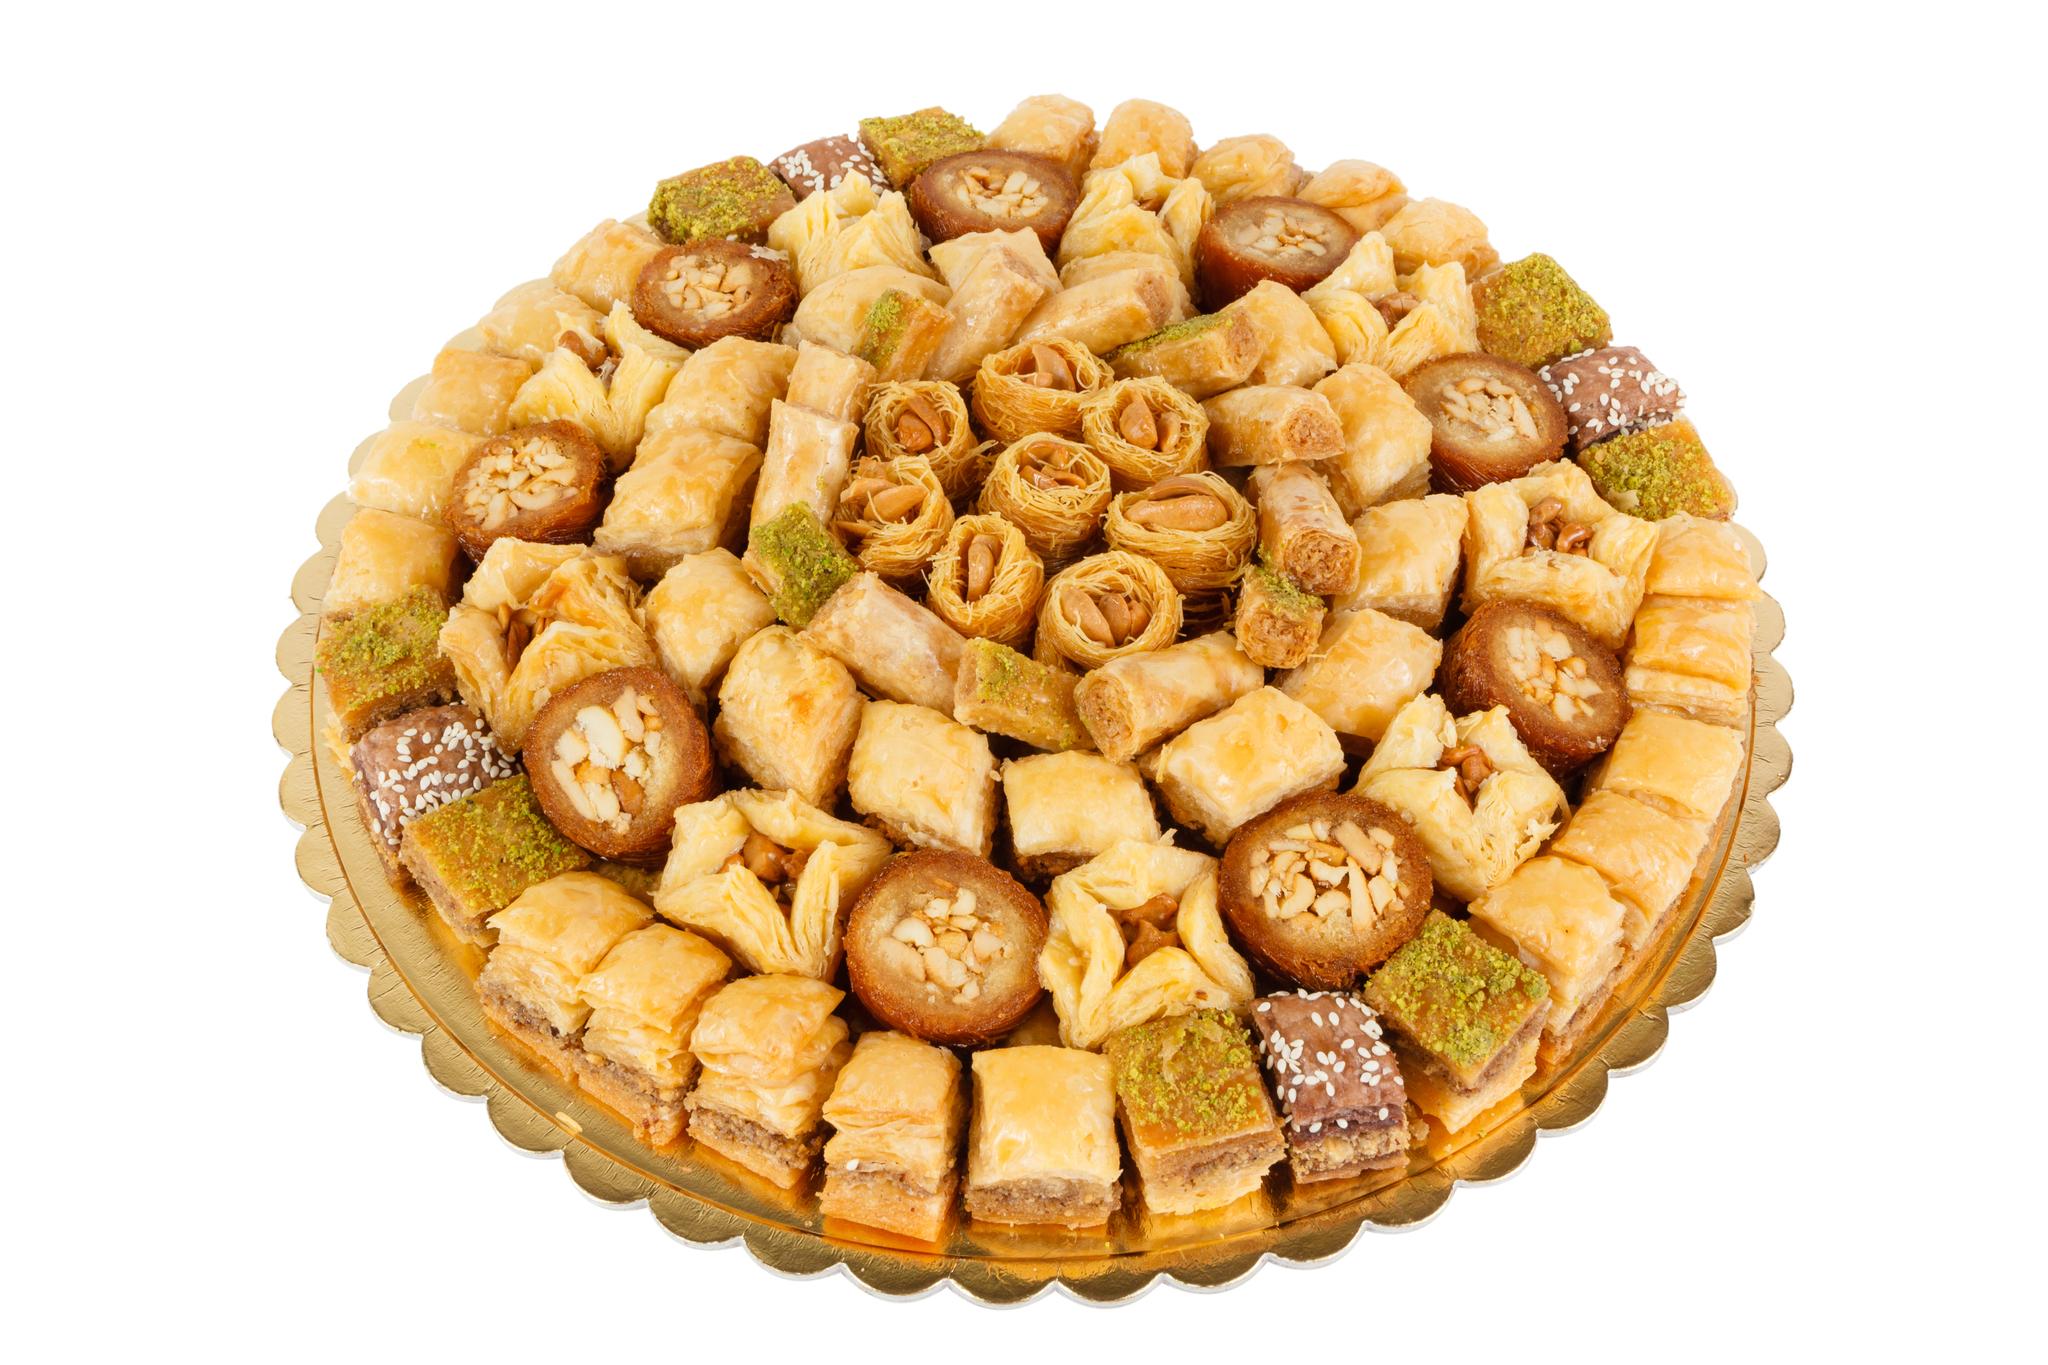 """Pate D'or Пахлава - ассорти ливанских сладостей """"Подарочное"""" 2000 г import_files_7e_7e6d0c11787e11e799f3606c664b1de1_22677824ae6c11e7b011fcaa1488e48f.jpg"""